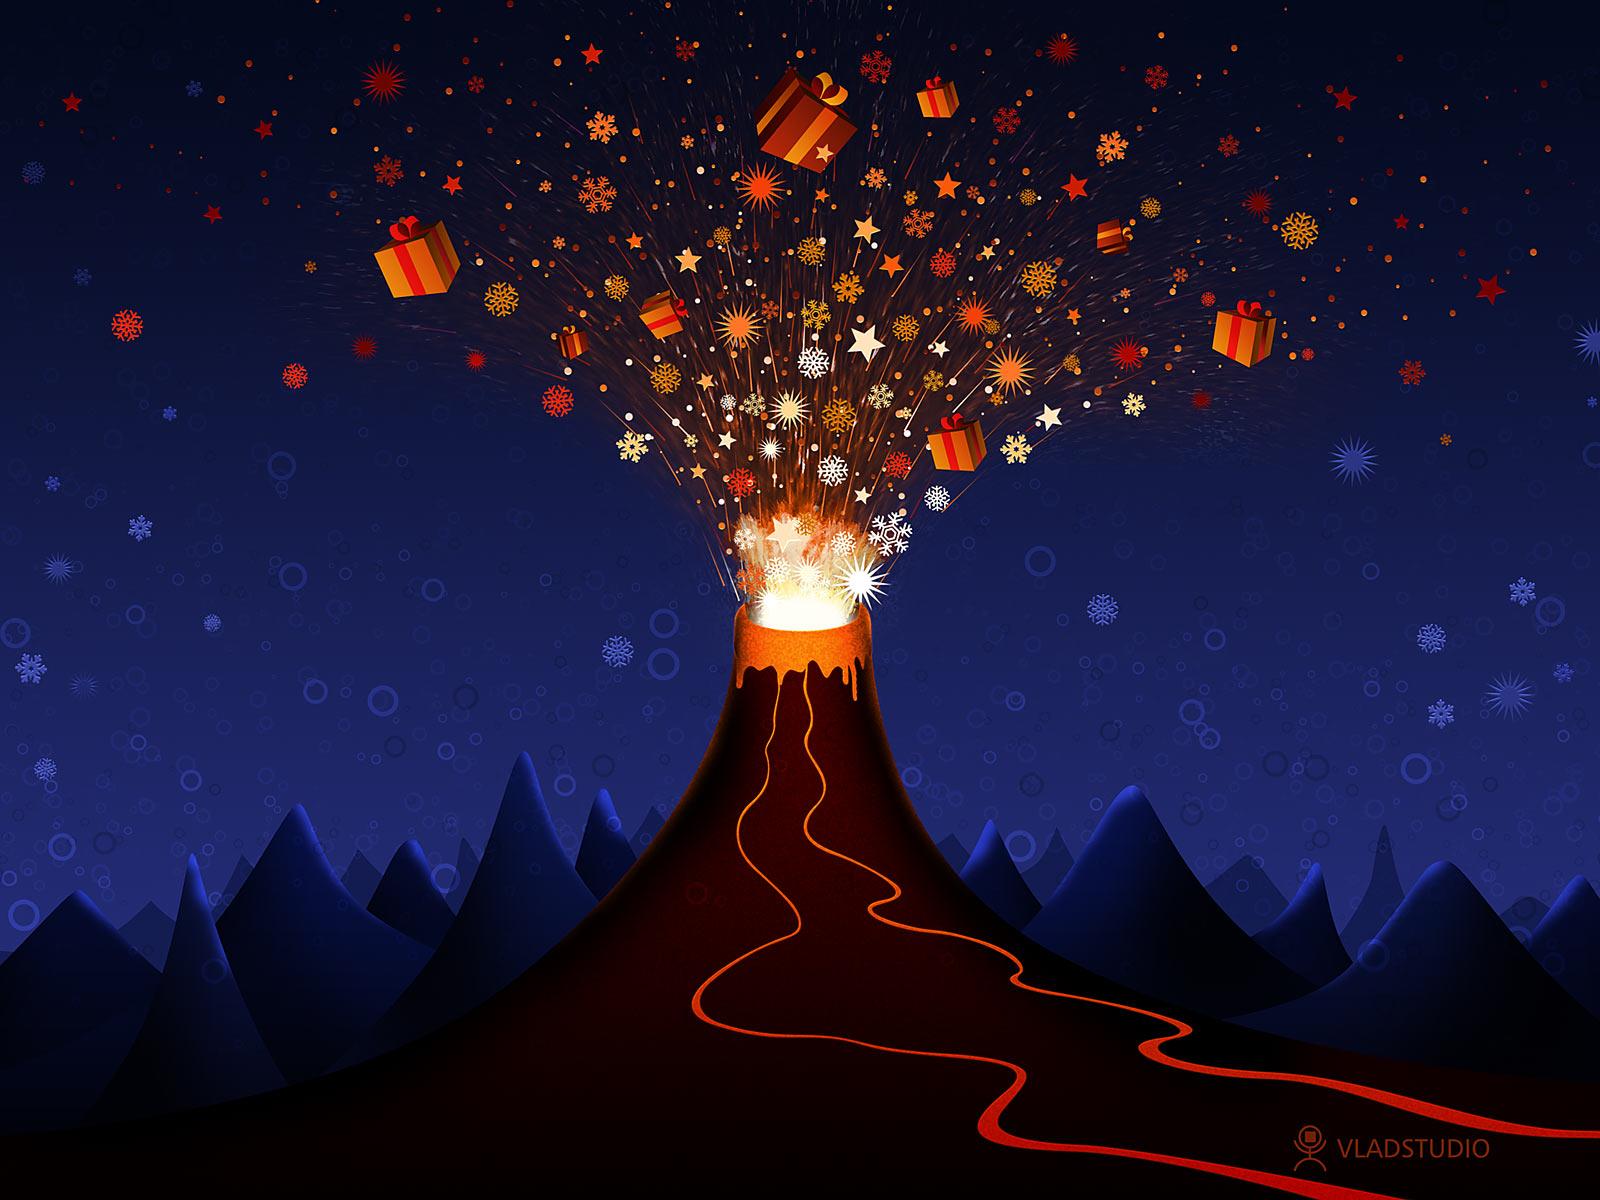 http://2.bp.blogspot.com/-C-BcBjd8yd4/UA6m5nnmn4I/AAAAAAAAAzA/xfBpes6cGKQ/s1600/Christmas_Volcano_by_vladstudio.jpg